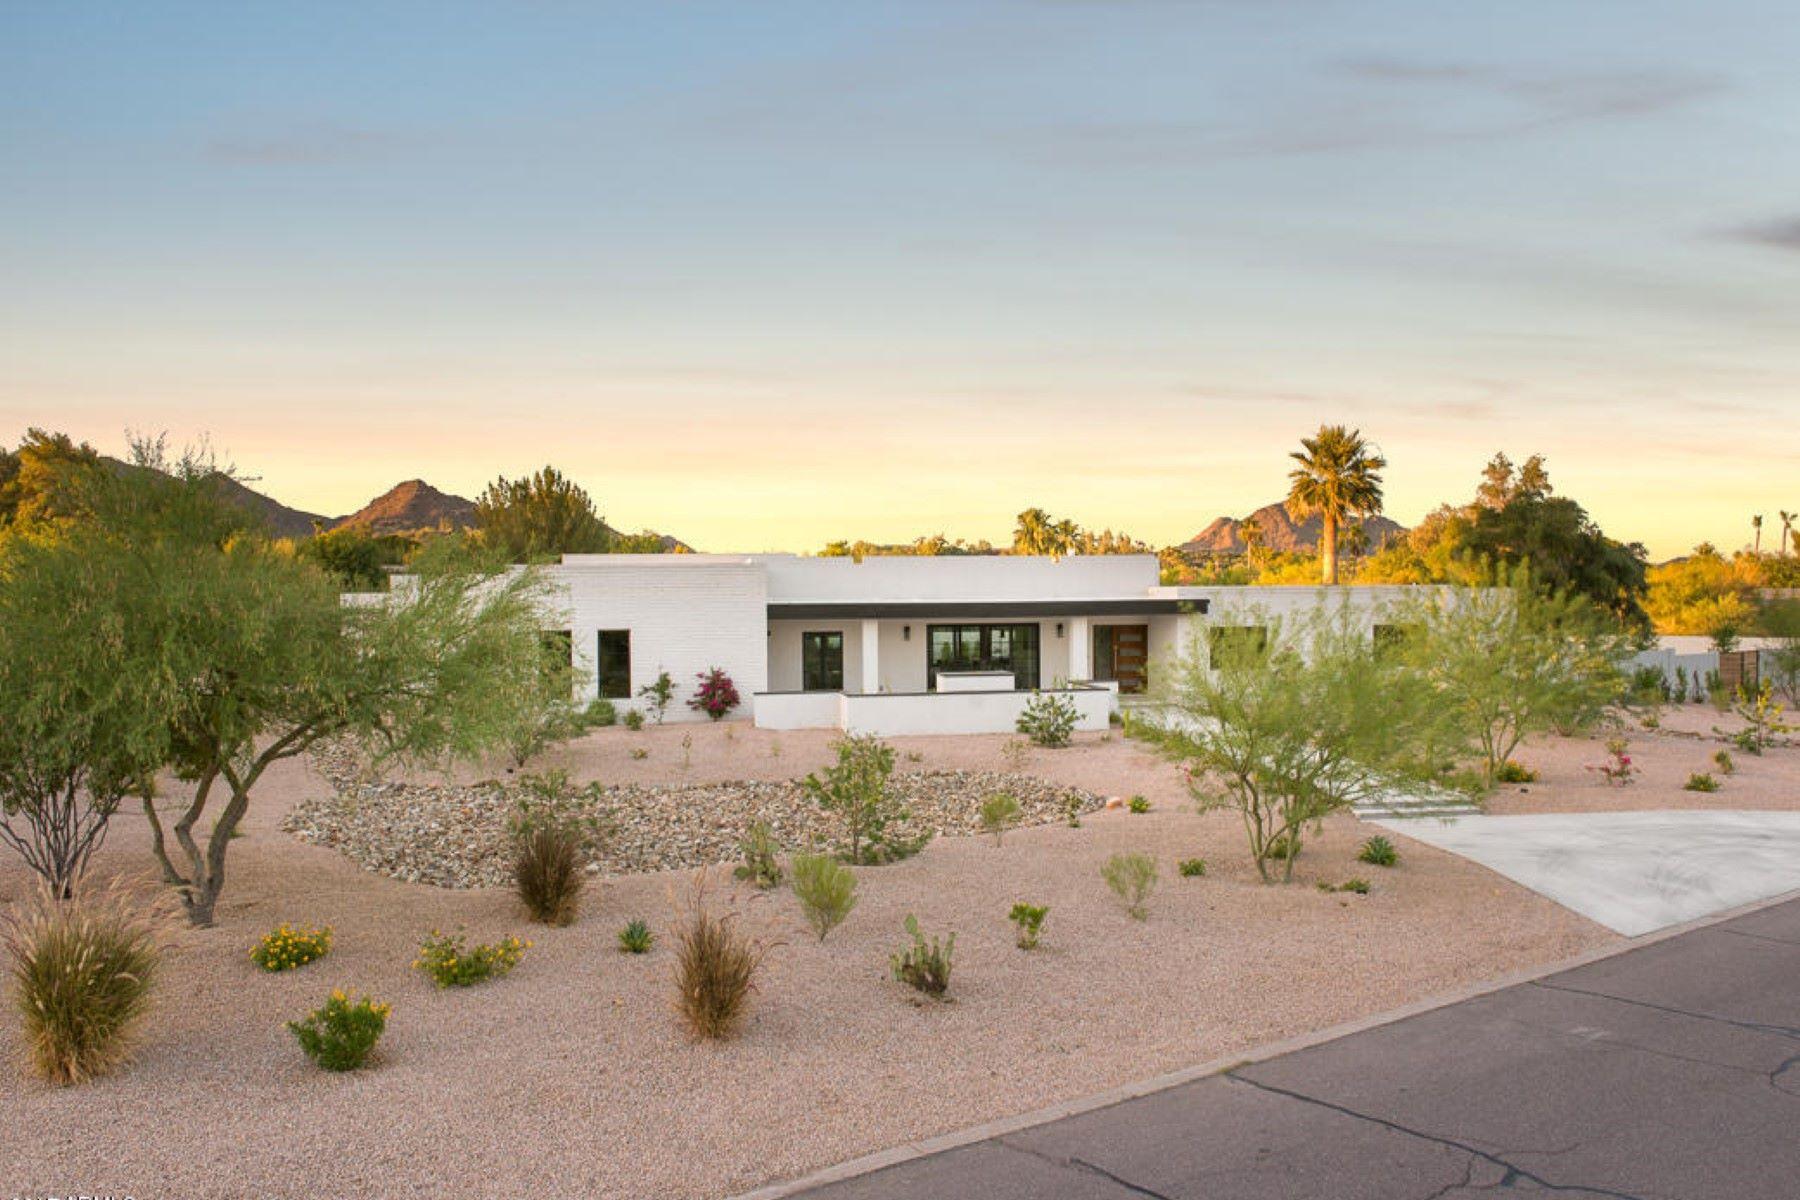 Casa Unifamiliar por un Venta en Beautiful contemporary home with stunning views of Camelback Mountain 3902 E Solano Drive Paradise Valley, Arizona, 85253 Estados Unidos